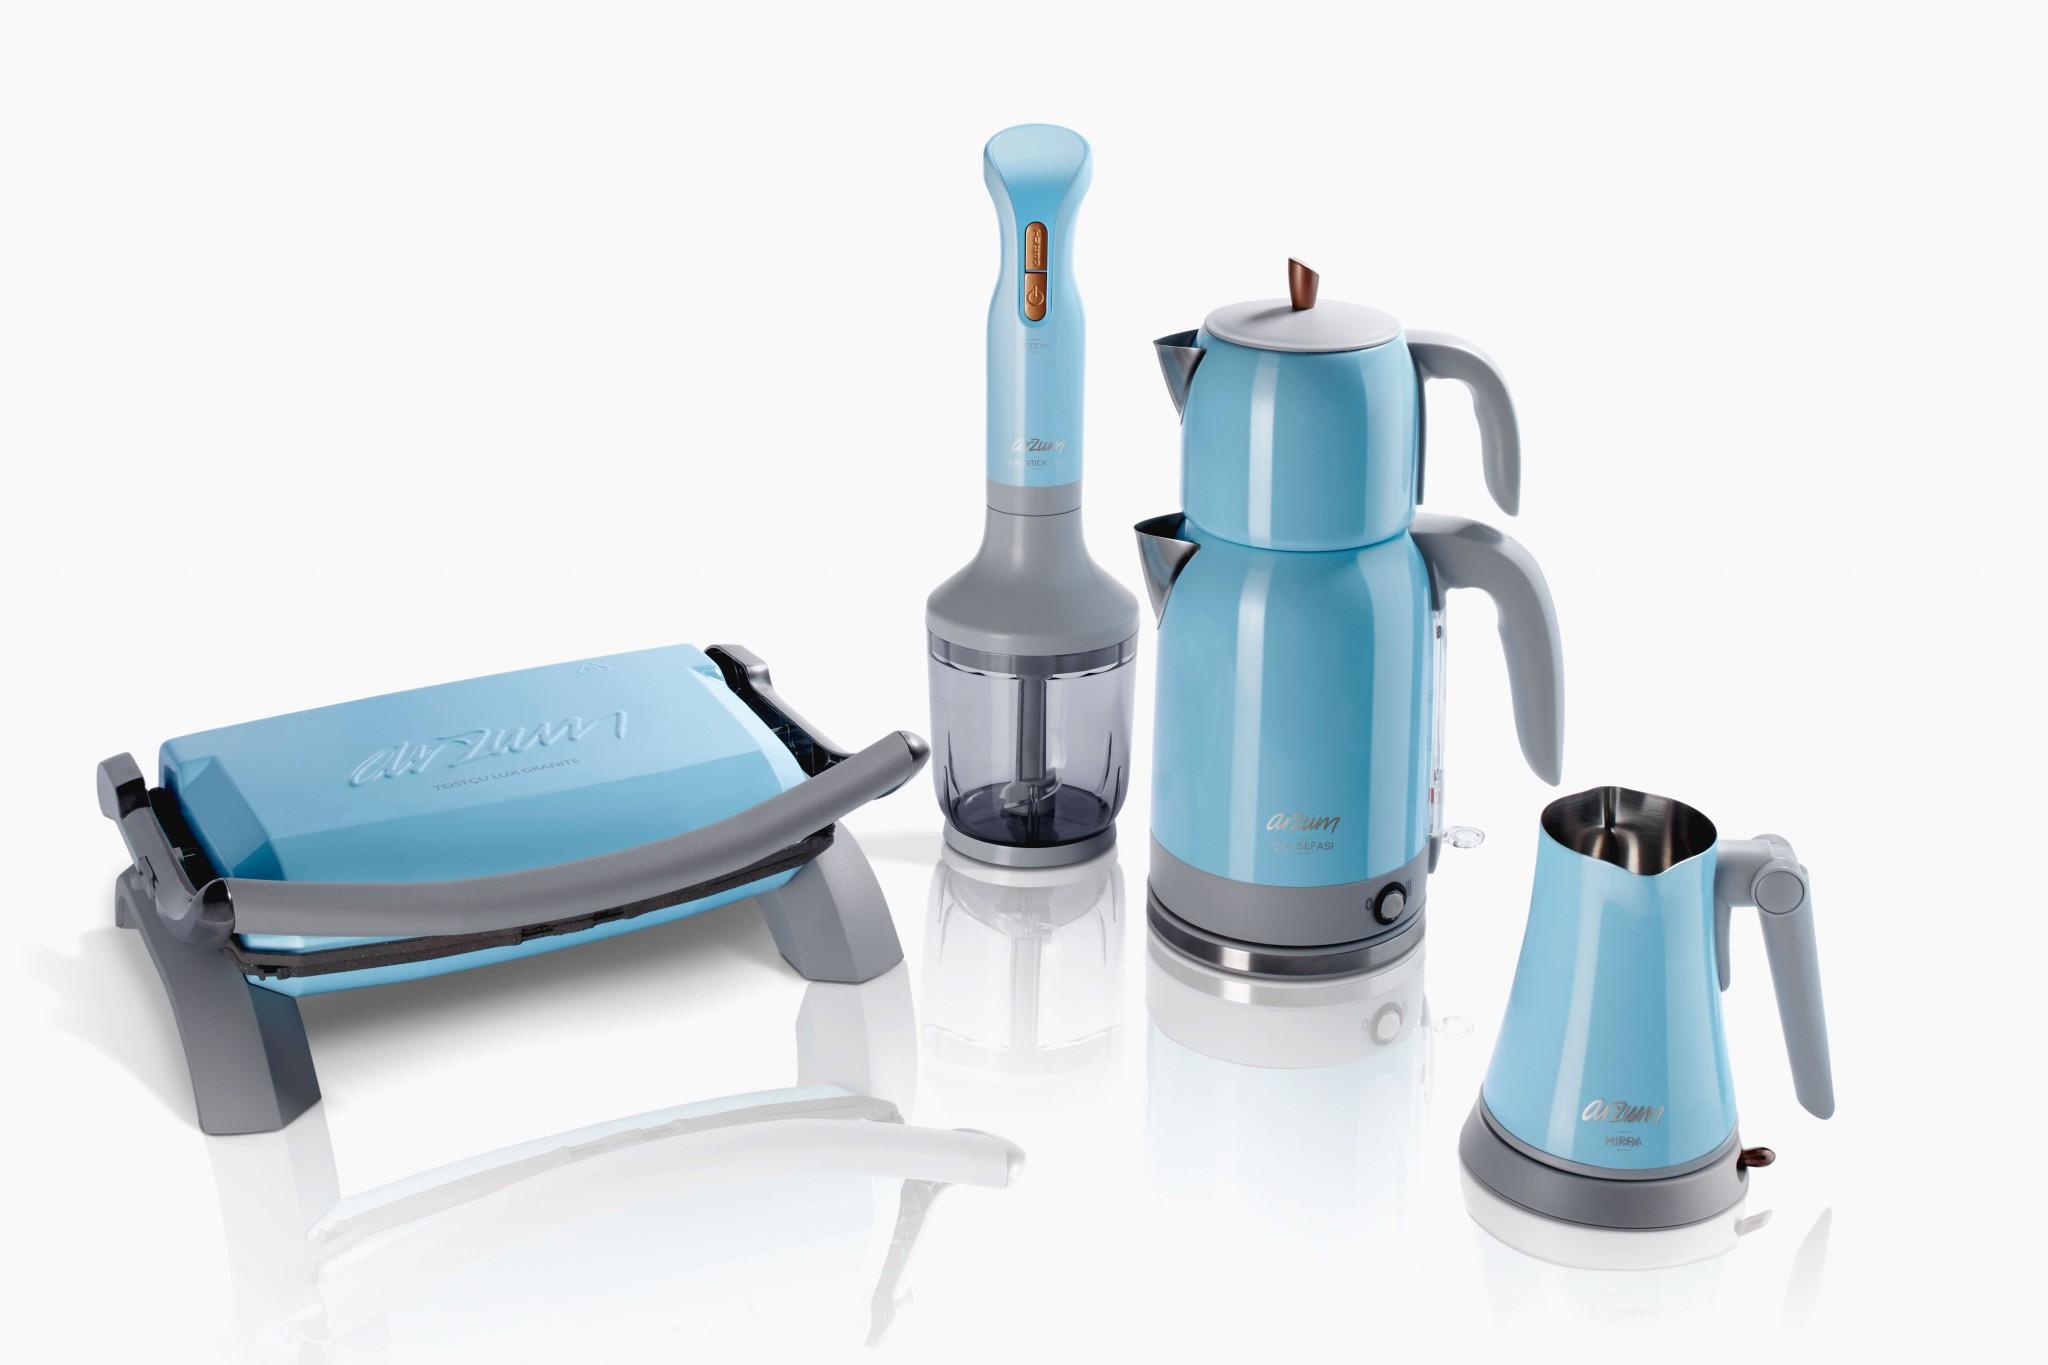 tost makinesi kettle meyve sıkacağı ile ilgili görsel sonucu